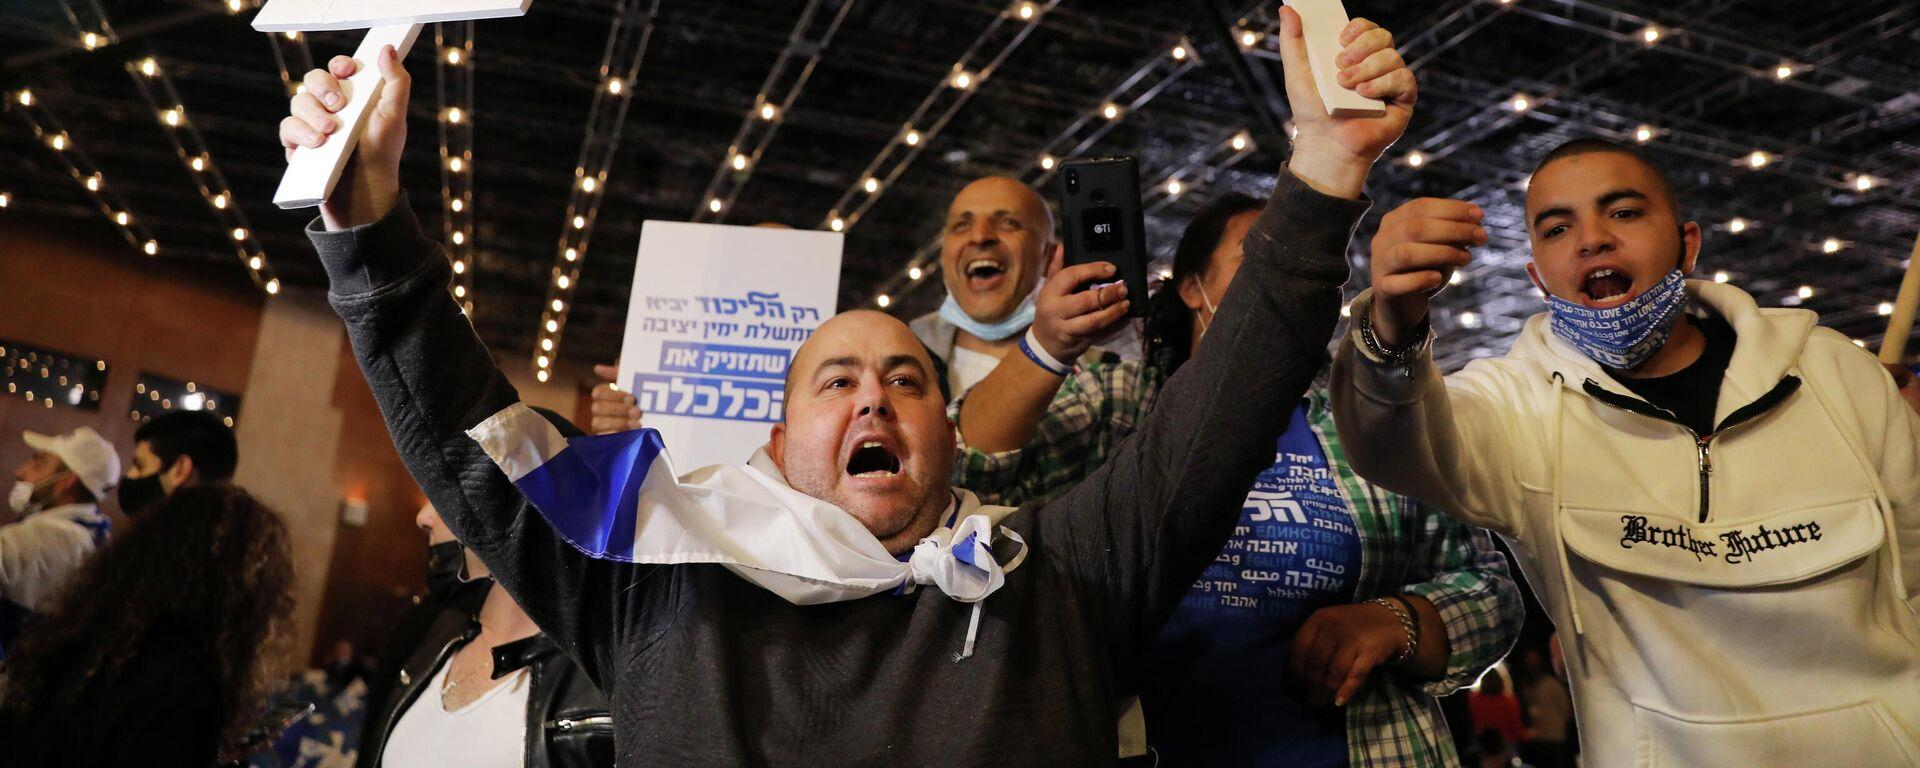 Partidarios del partido del actual primer ministro, Benjamin Netanyahu - Sputnik Mundo, 1920, 24.03.2021